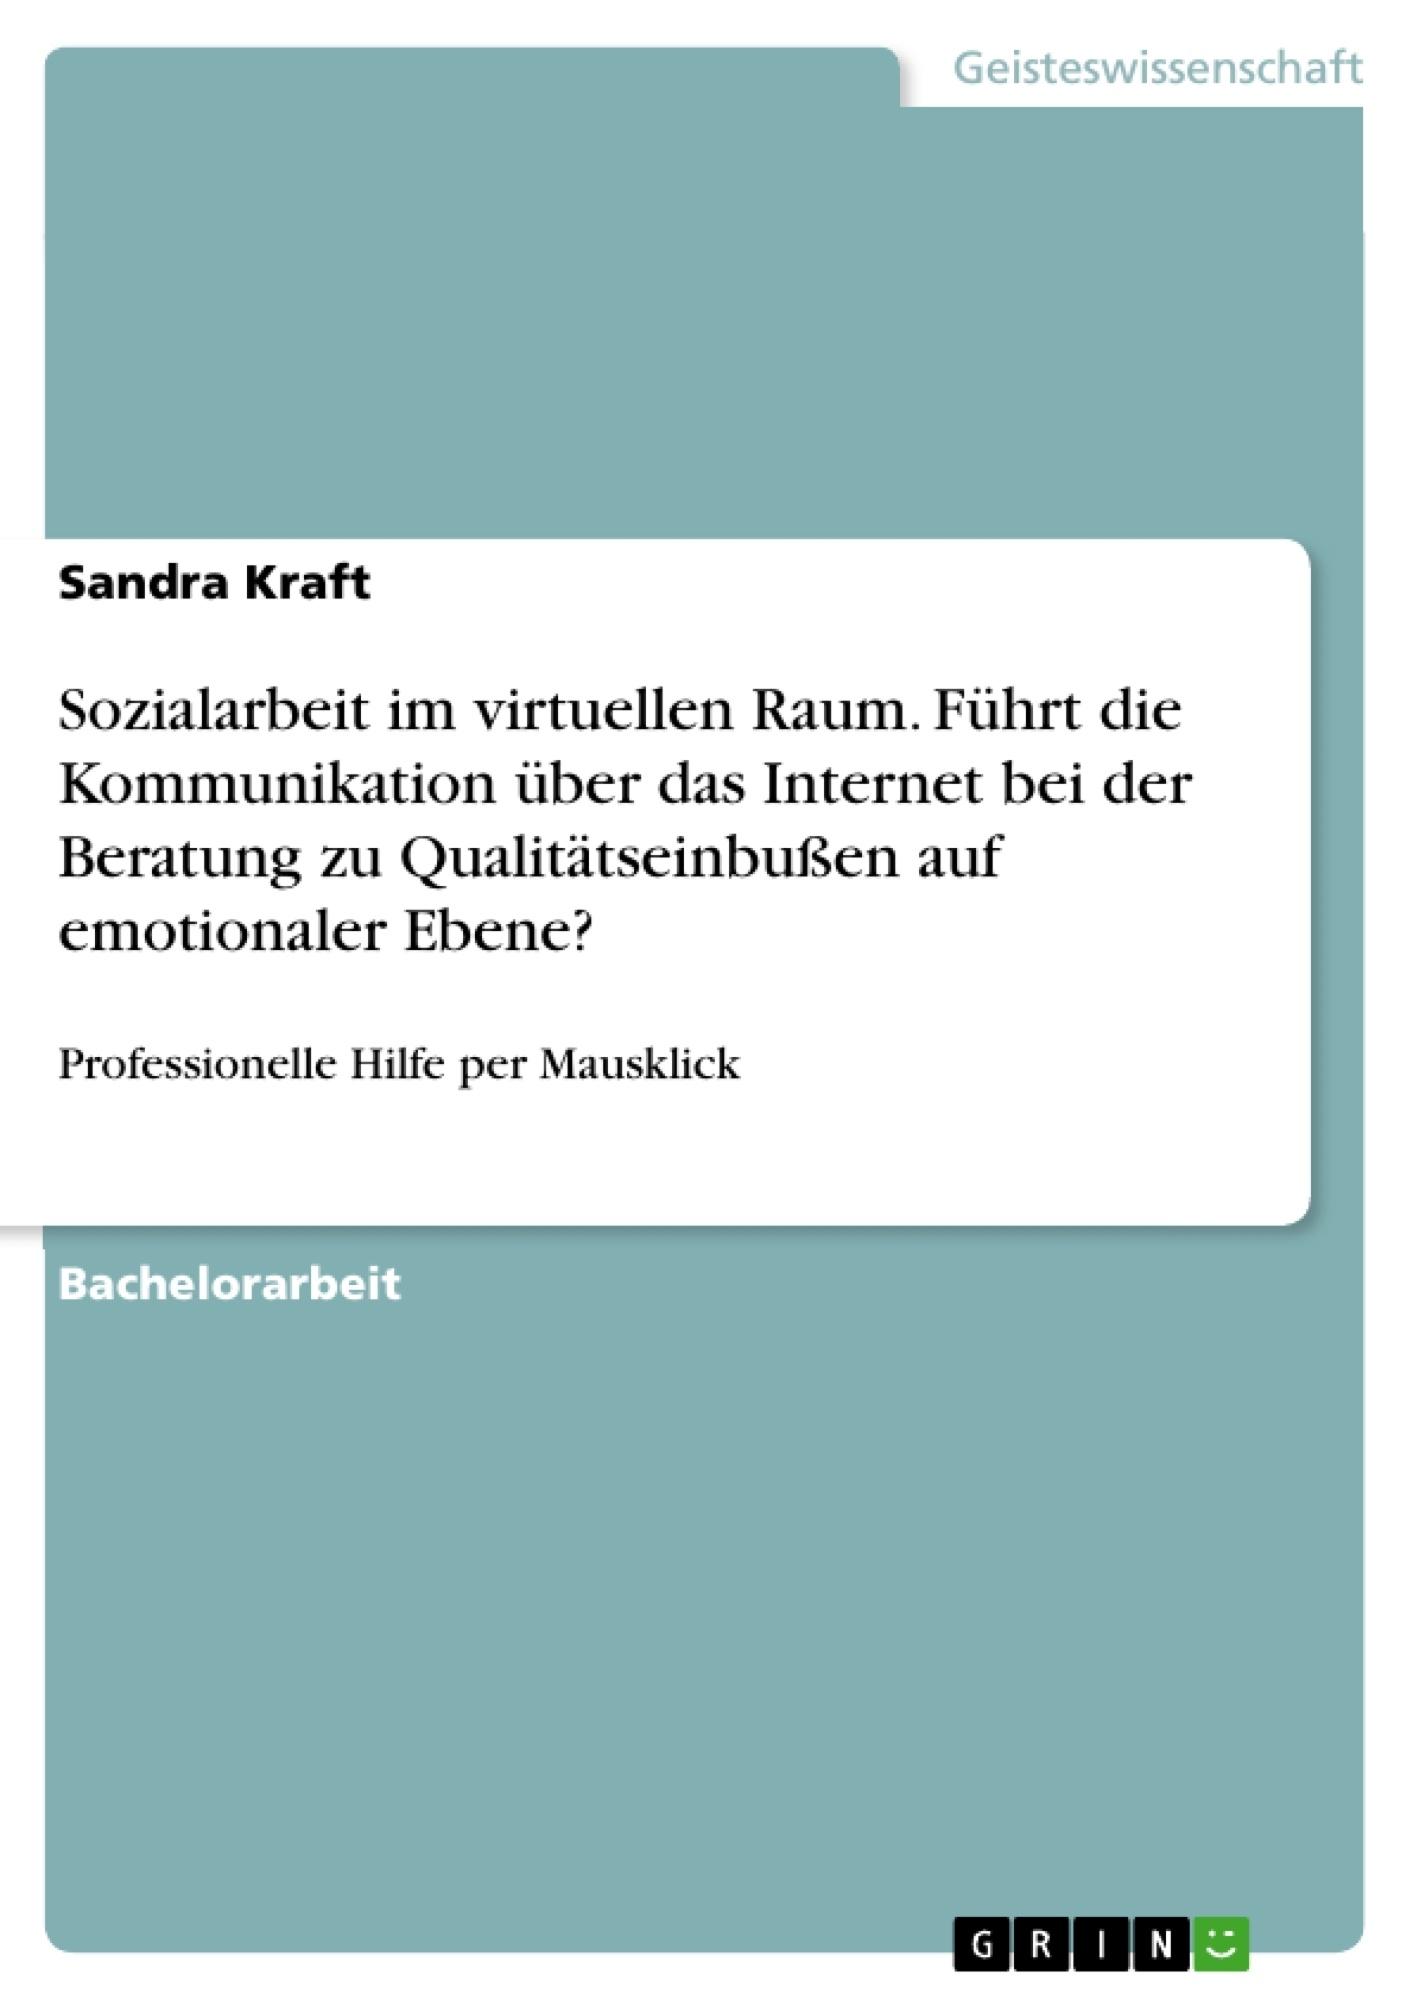 Titel: Sozialarbeit im virtuellen Raum. Führt die Kommunikation über das Internet bei der Beratung zu Qualitätseinbußen auf emotionaler Ebene?